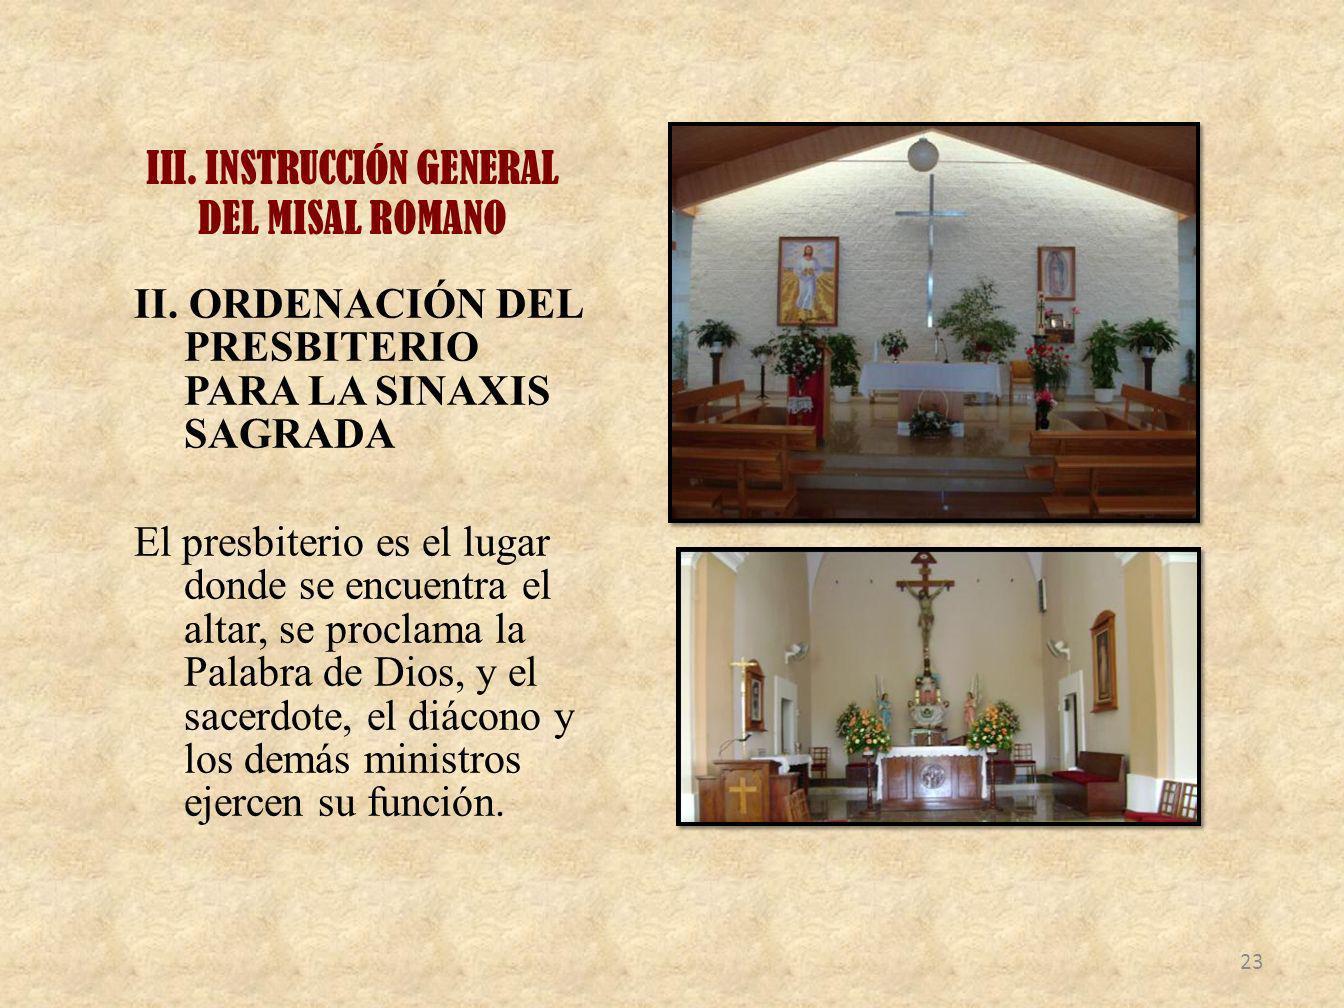 III. INSTRUCCIÓN GENERAL DEL MISAL ROMANO II. ORDENACIÓN DEL PRESBITERIO PARA LA SINAXIS SAGRADA El presbiterio es el lugar donde se encuentra el alta